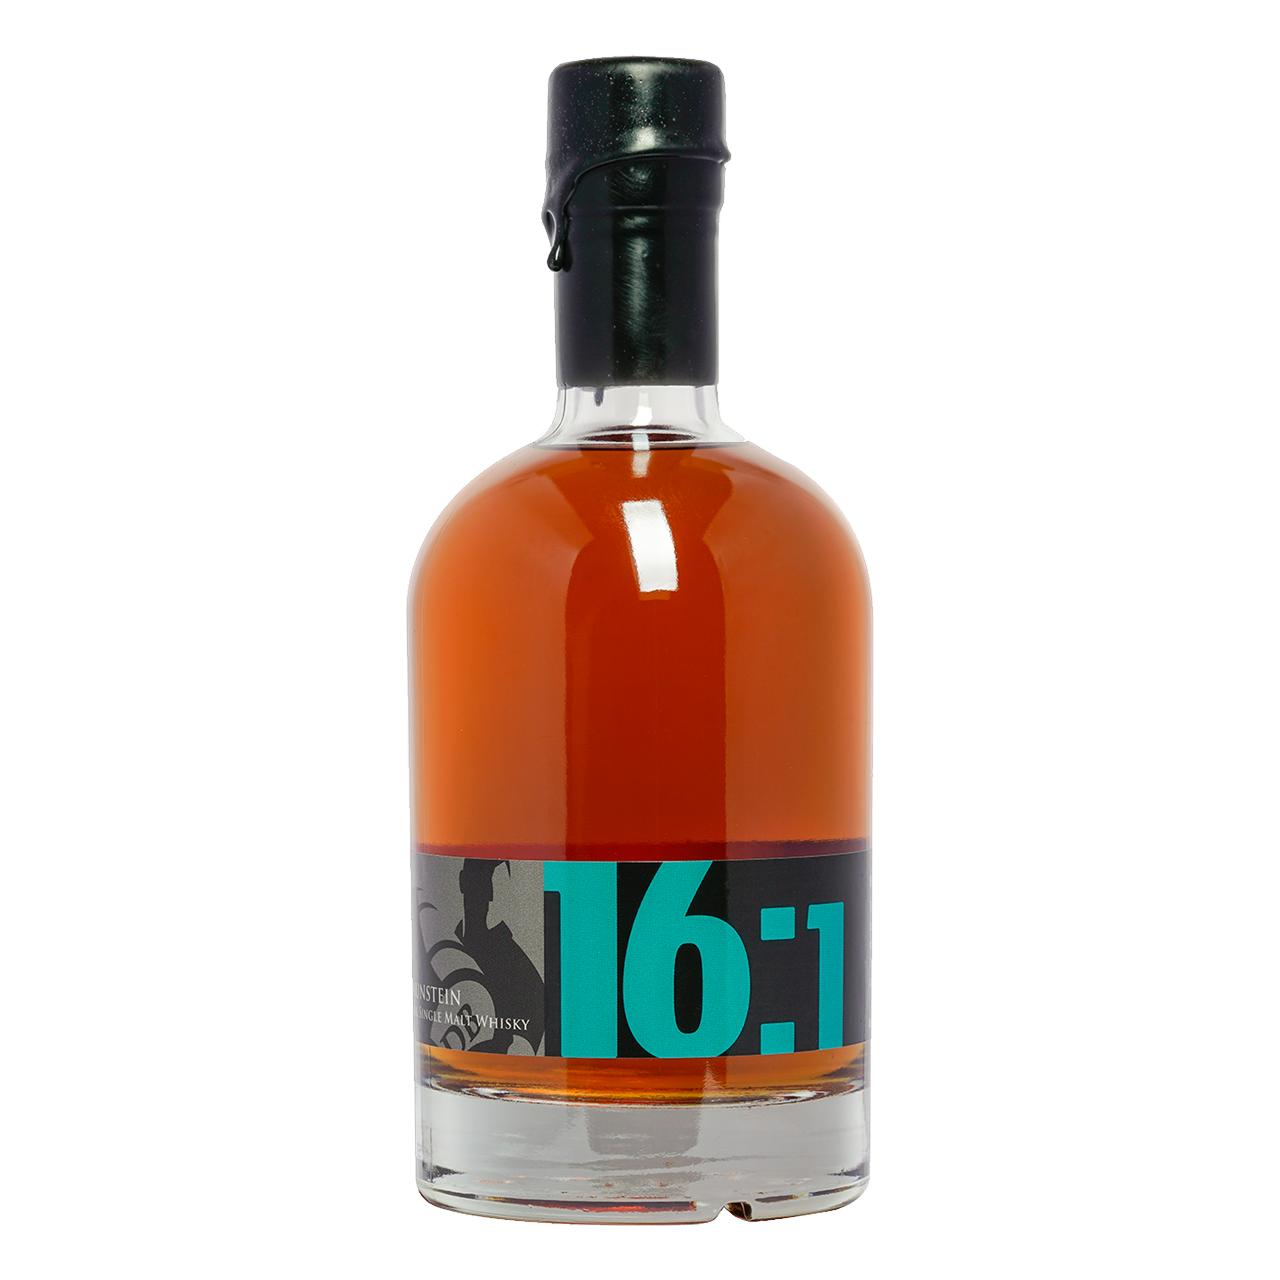 Nordic whisky #201 - Braunstein 16:1